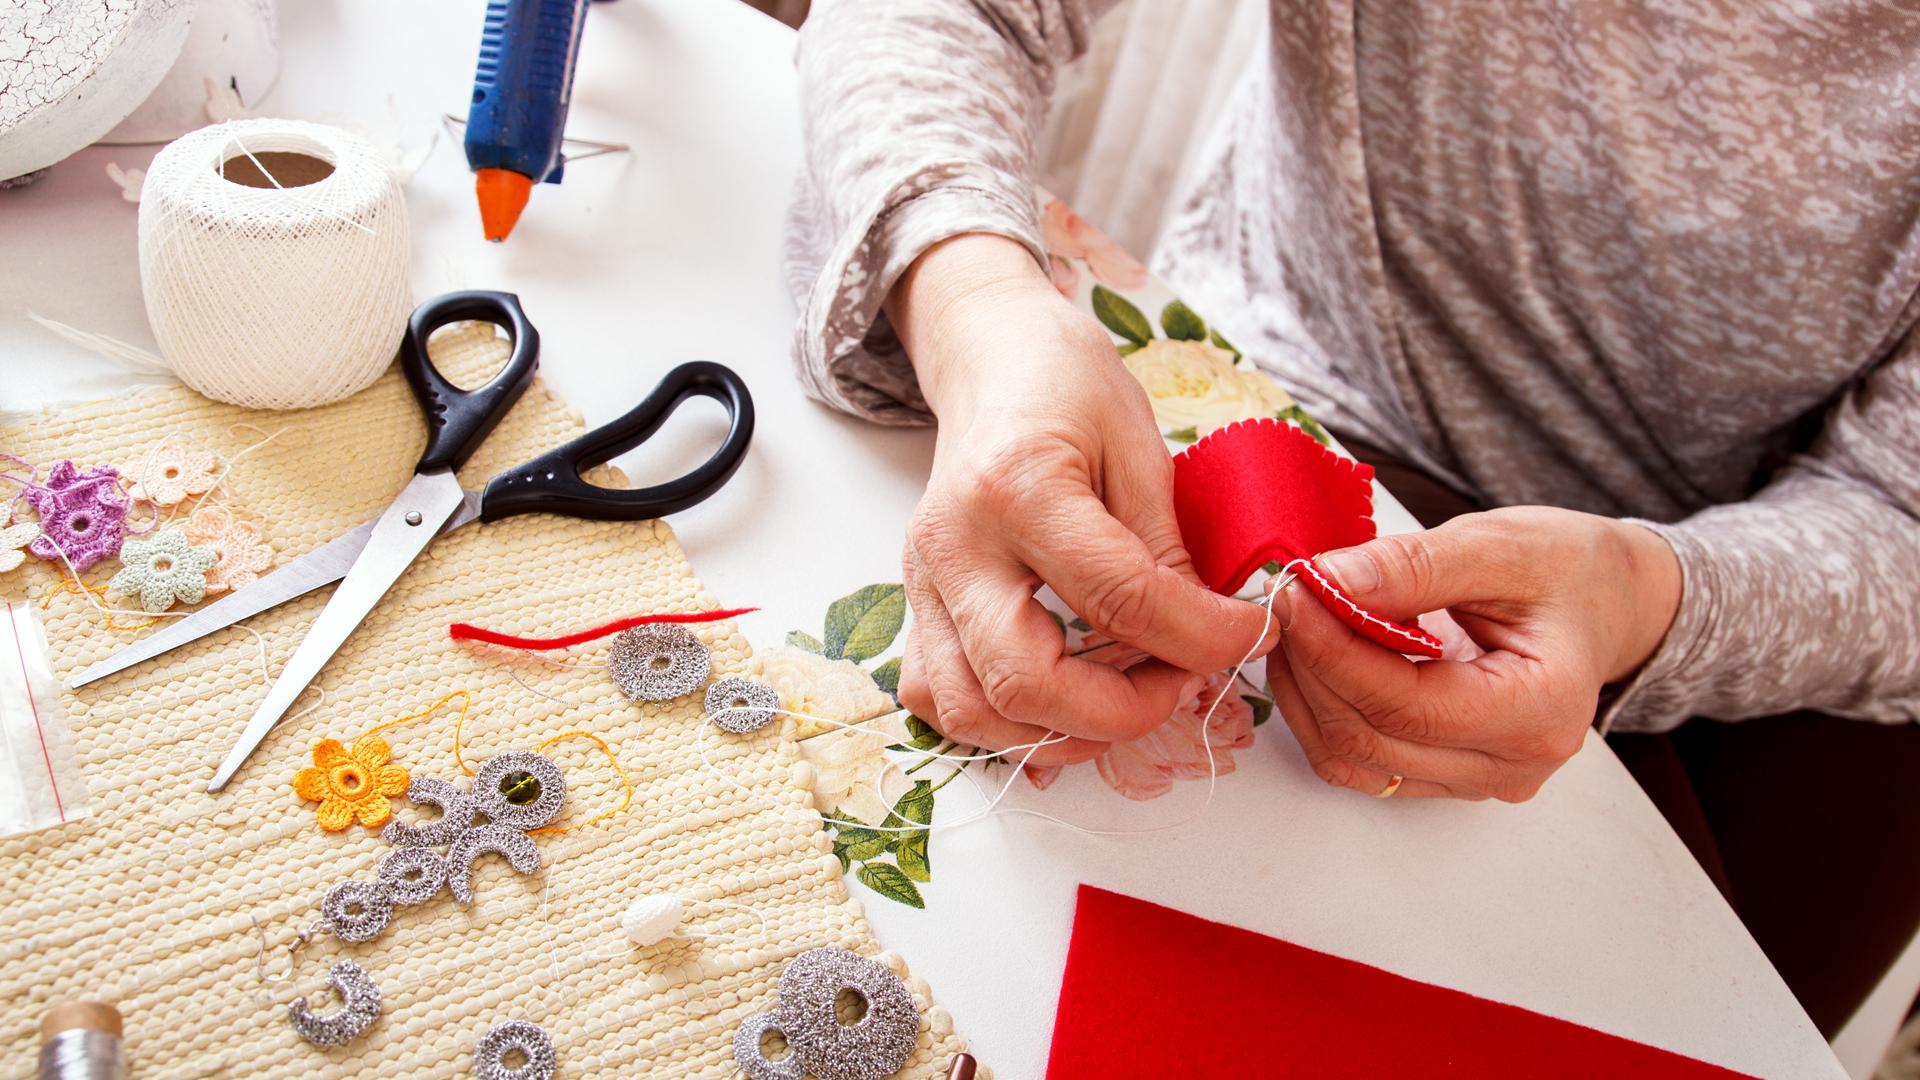 Las actividades que implican creativiad son fundamentales para prevenir el envjecimiento cerebal (iStock)